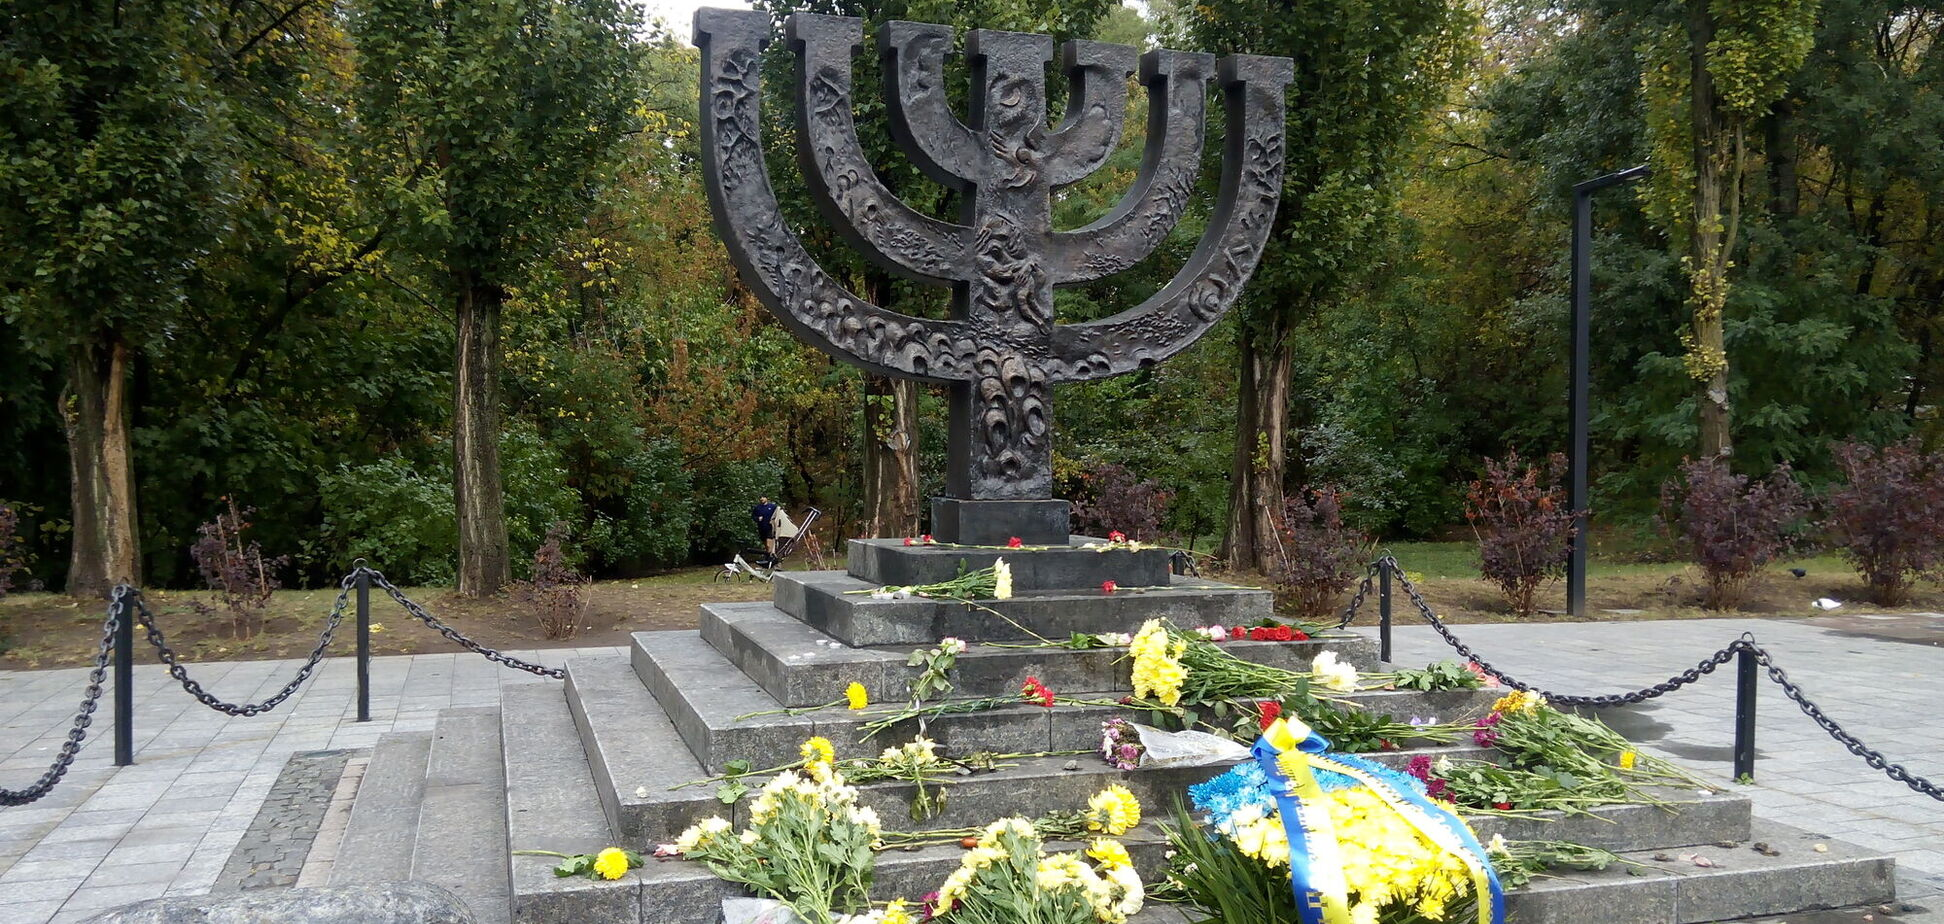 Мемориальный центр Холокоста 'Бабий Яр' откроет синагогу: названа дата